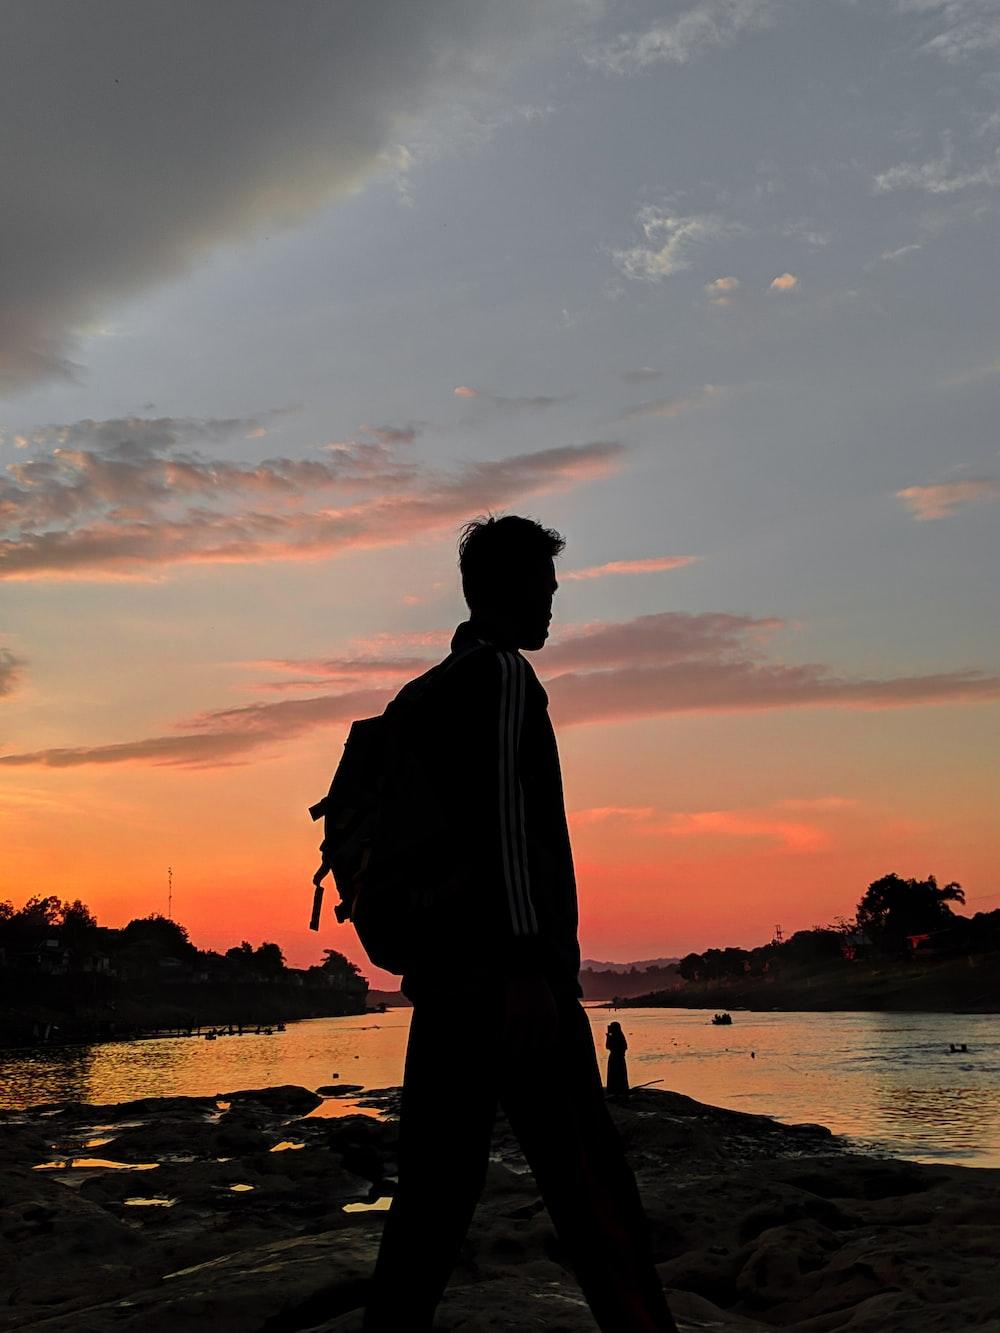 man near shore